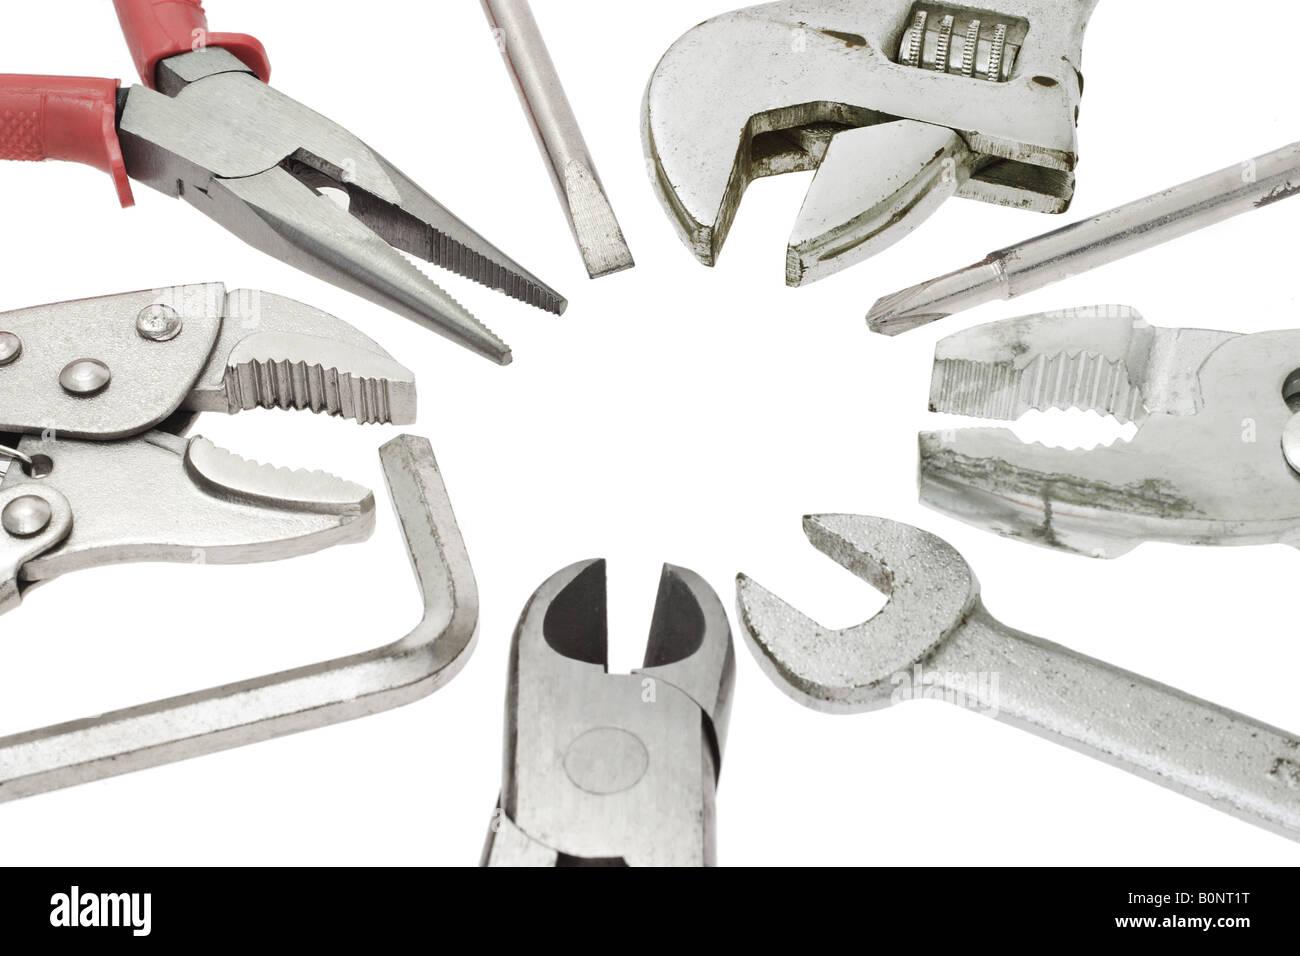 Heimwerker Werkzeuge auf weißem Hintergrund Stockbild